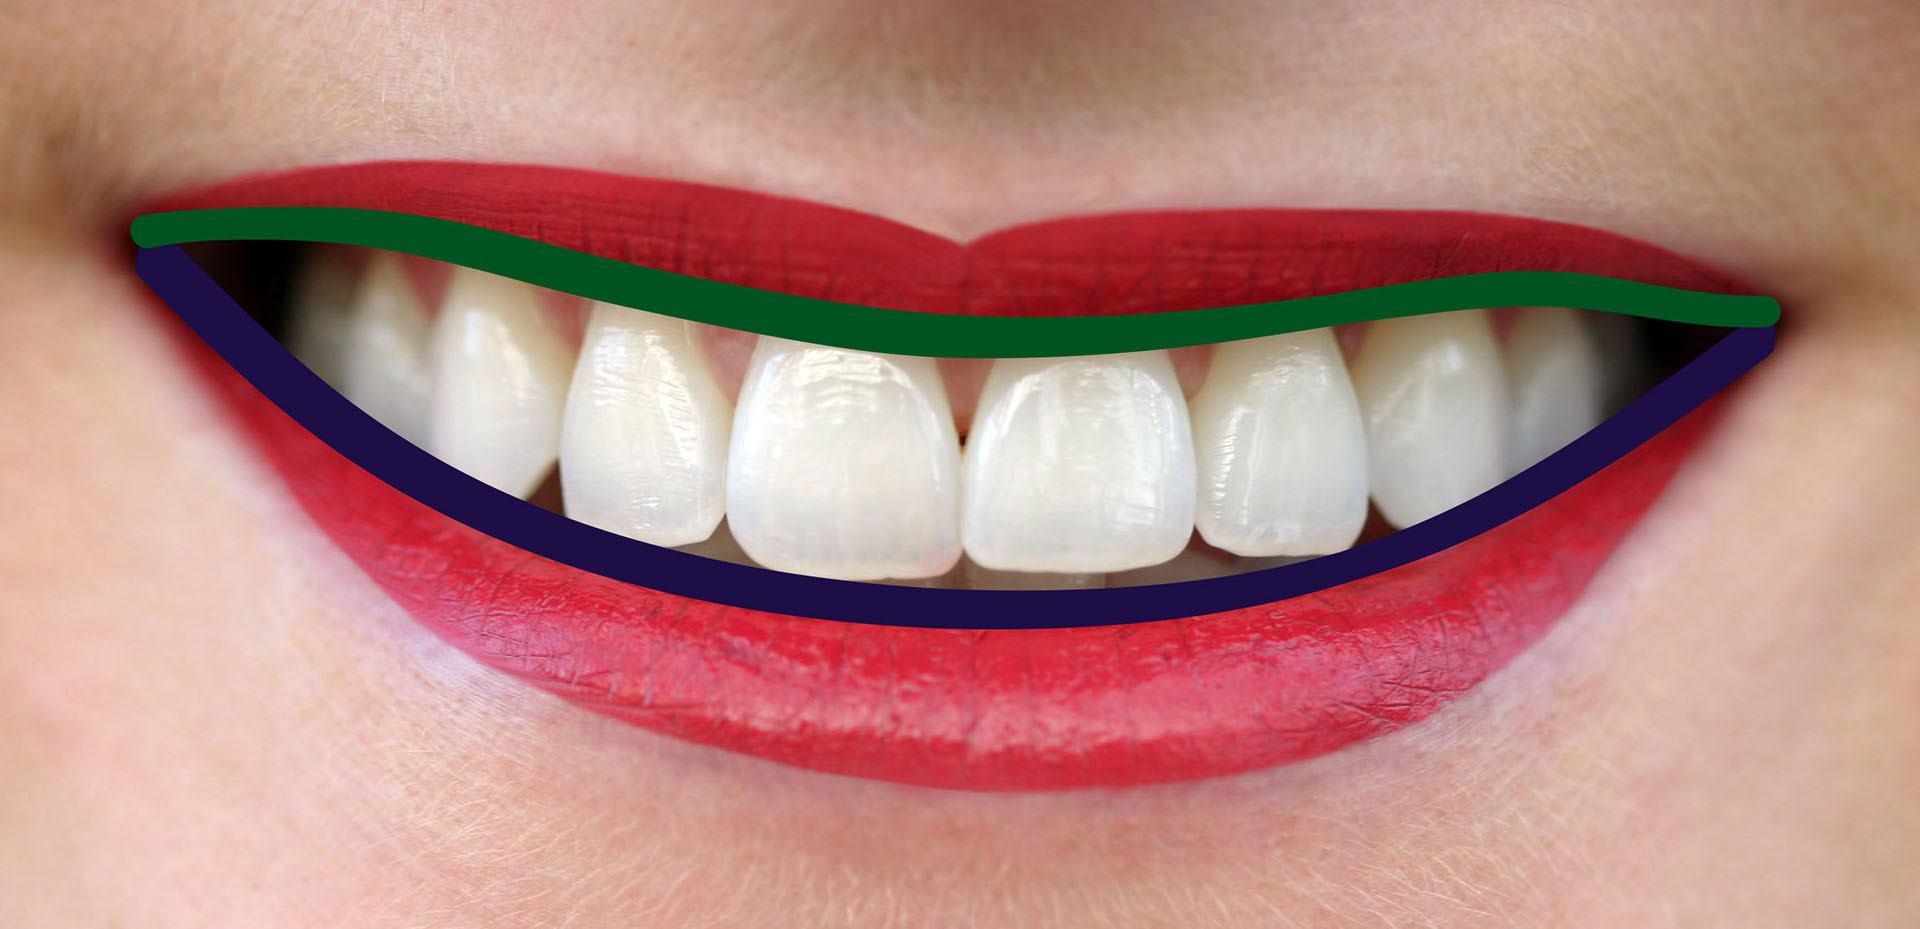 Zahnkultur Köln - Blendend weiße Zähne